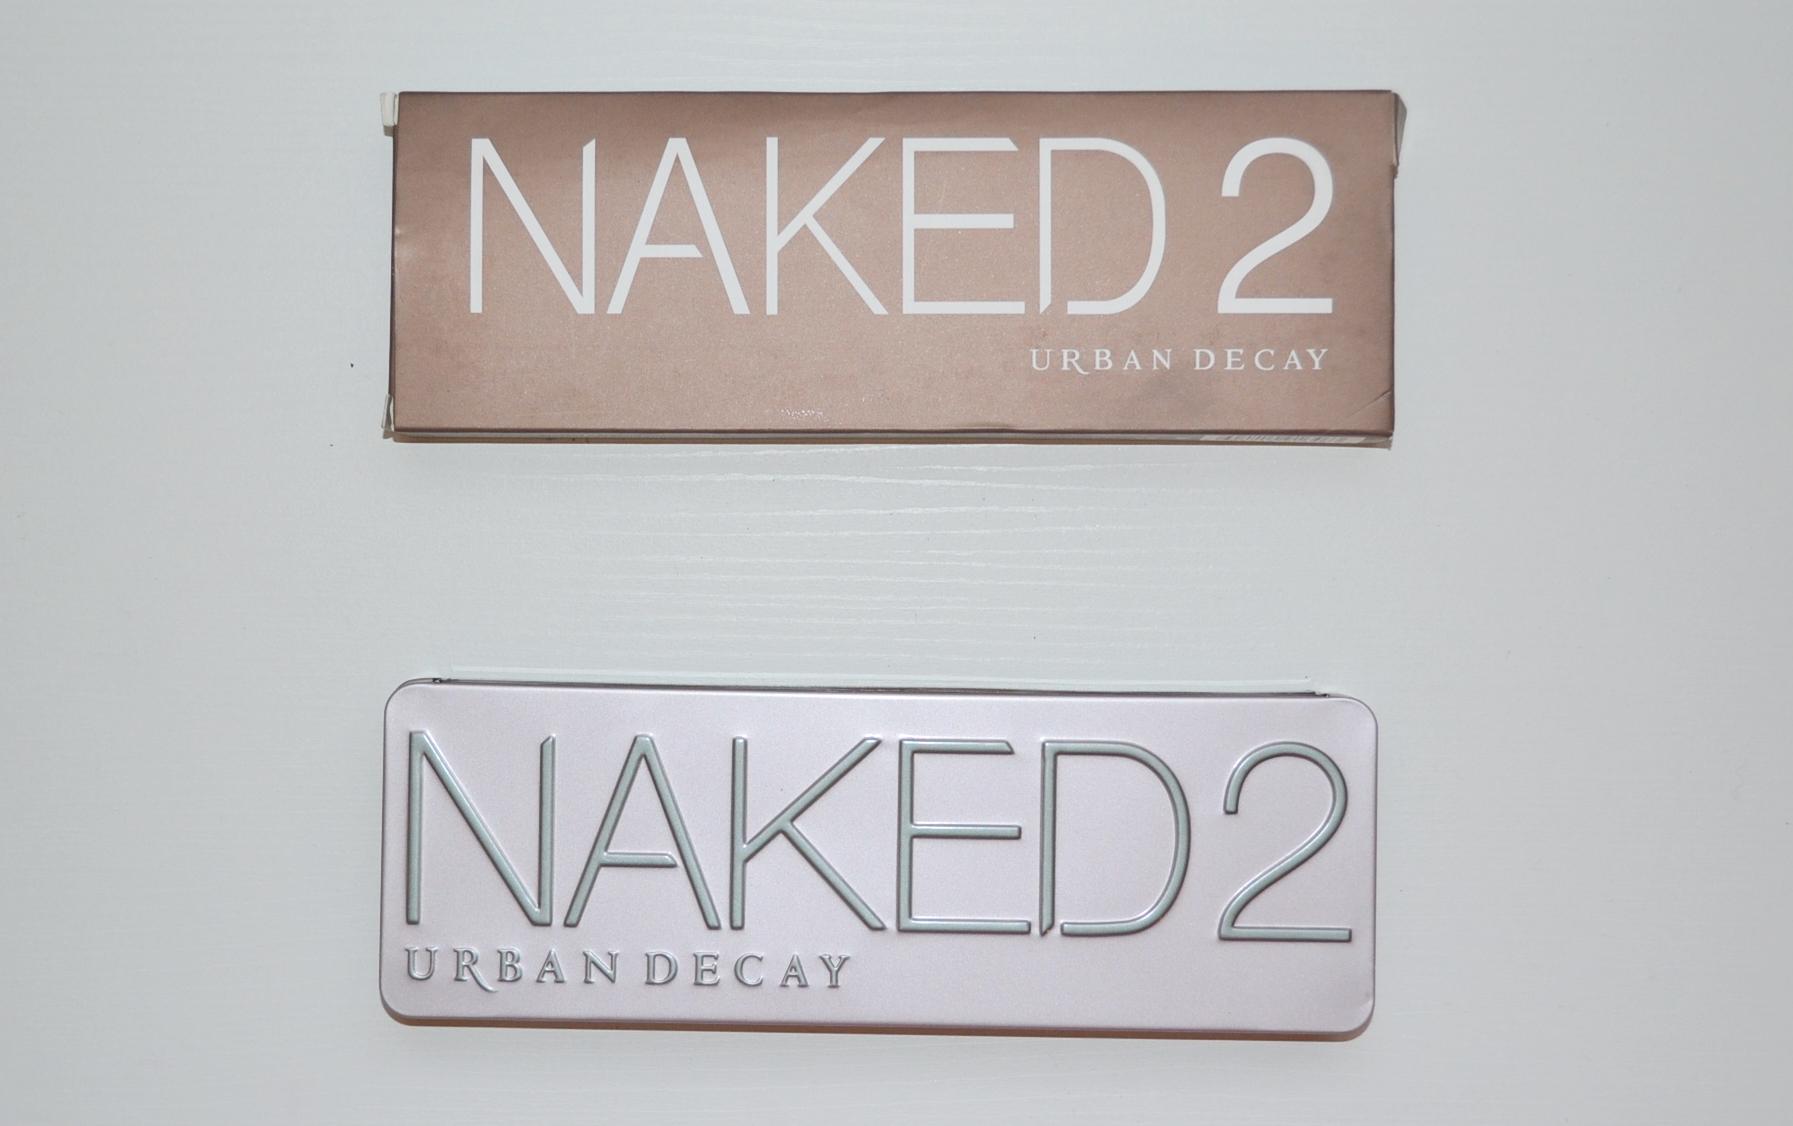 paleta+naked+2+urban+decay+replica+cinderela+de+mentira+1